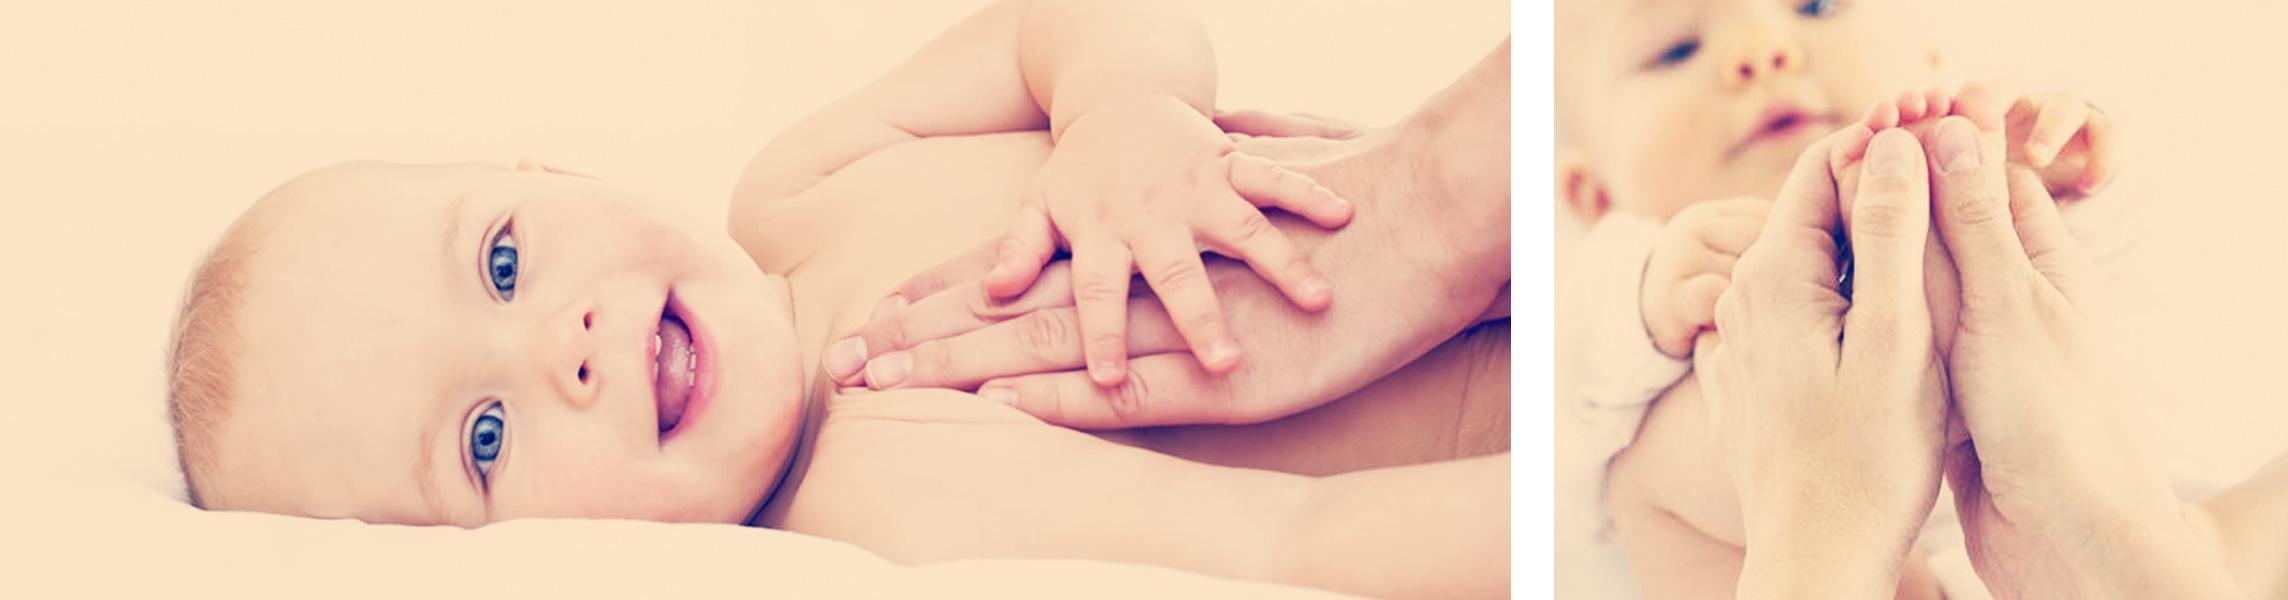 Qué beneficios tiene el masaje infantil para bebés